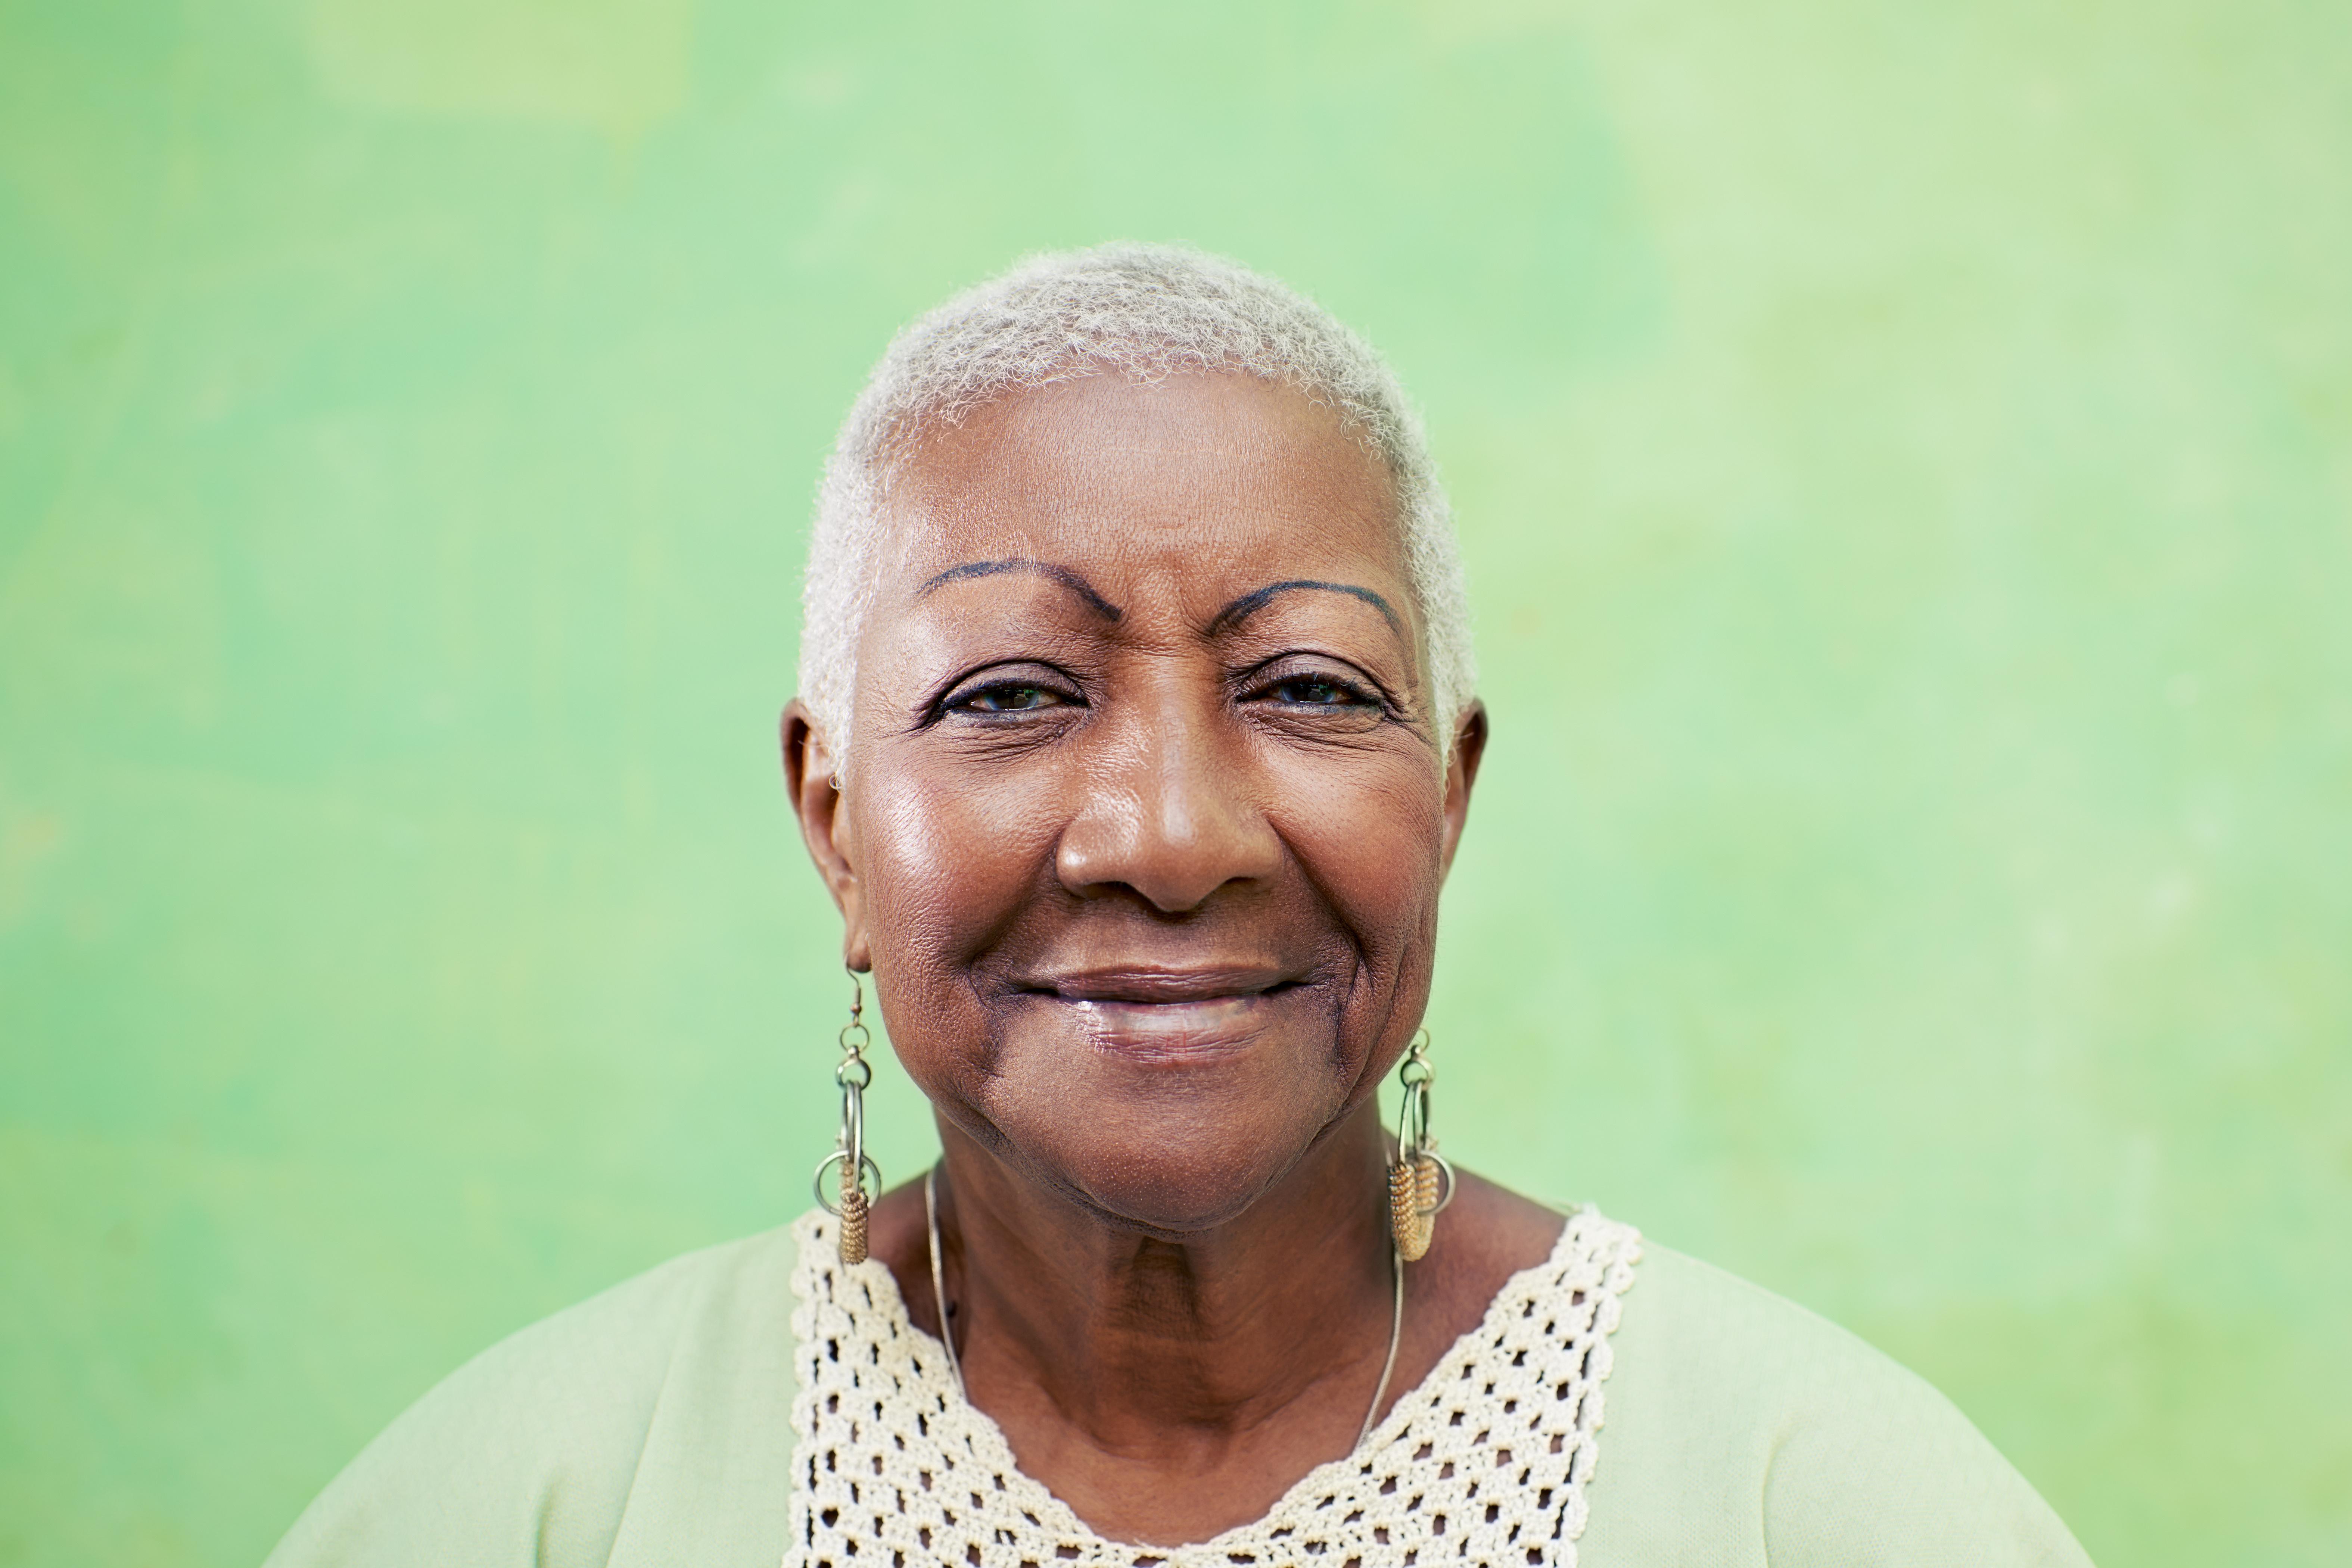 Senior black people com